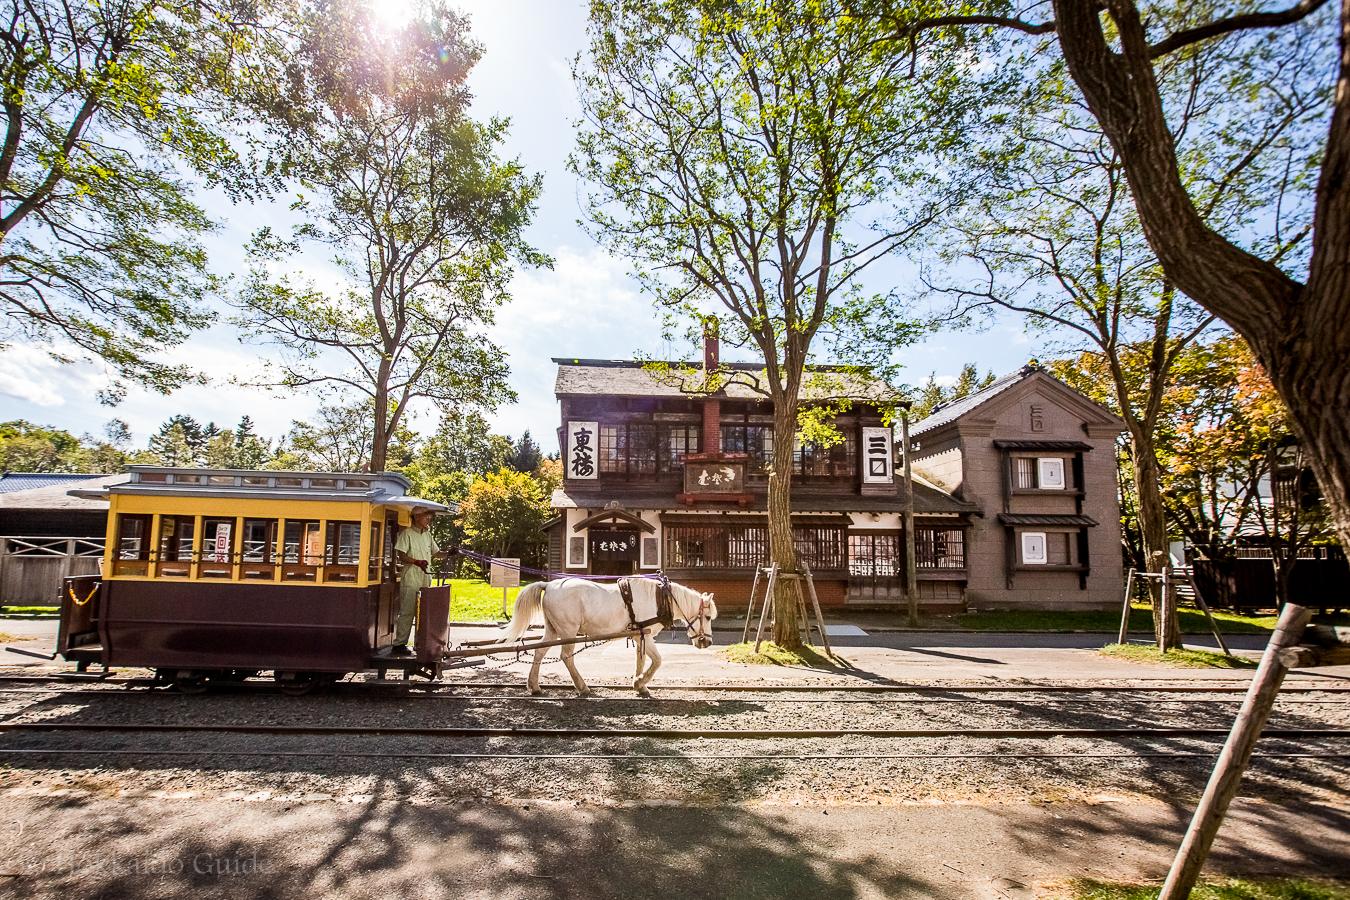 Hokkaido Historical Village